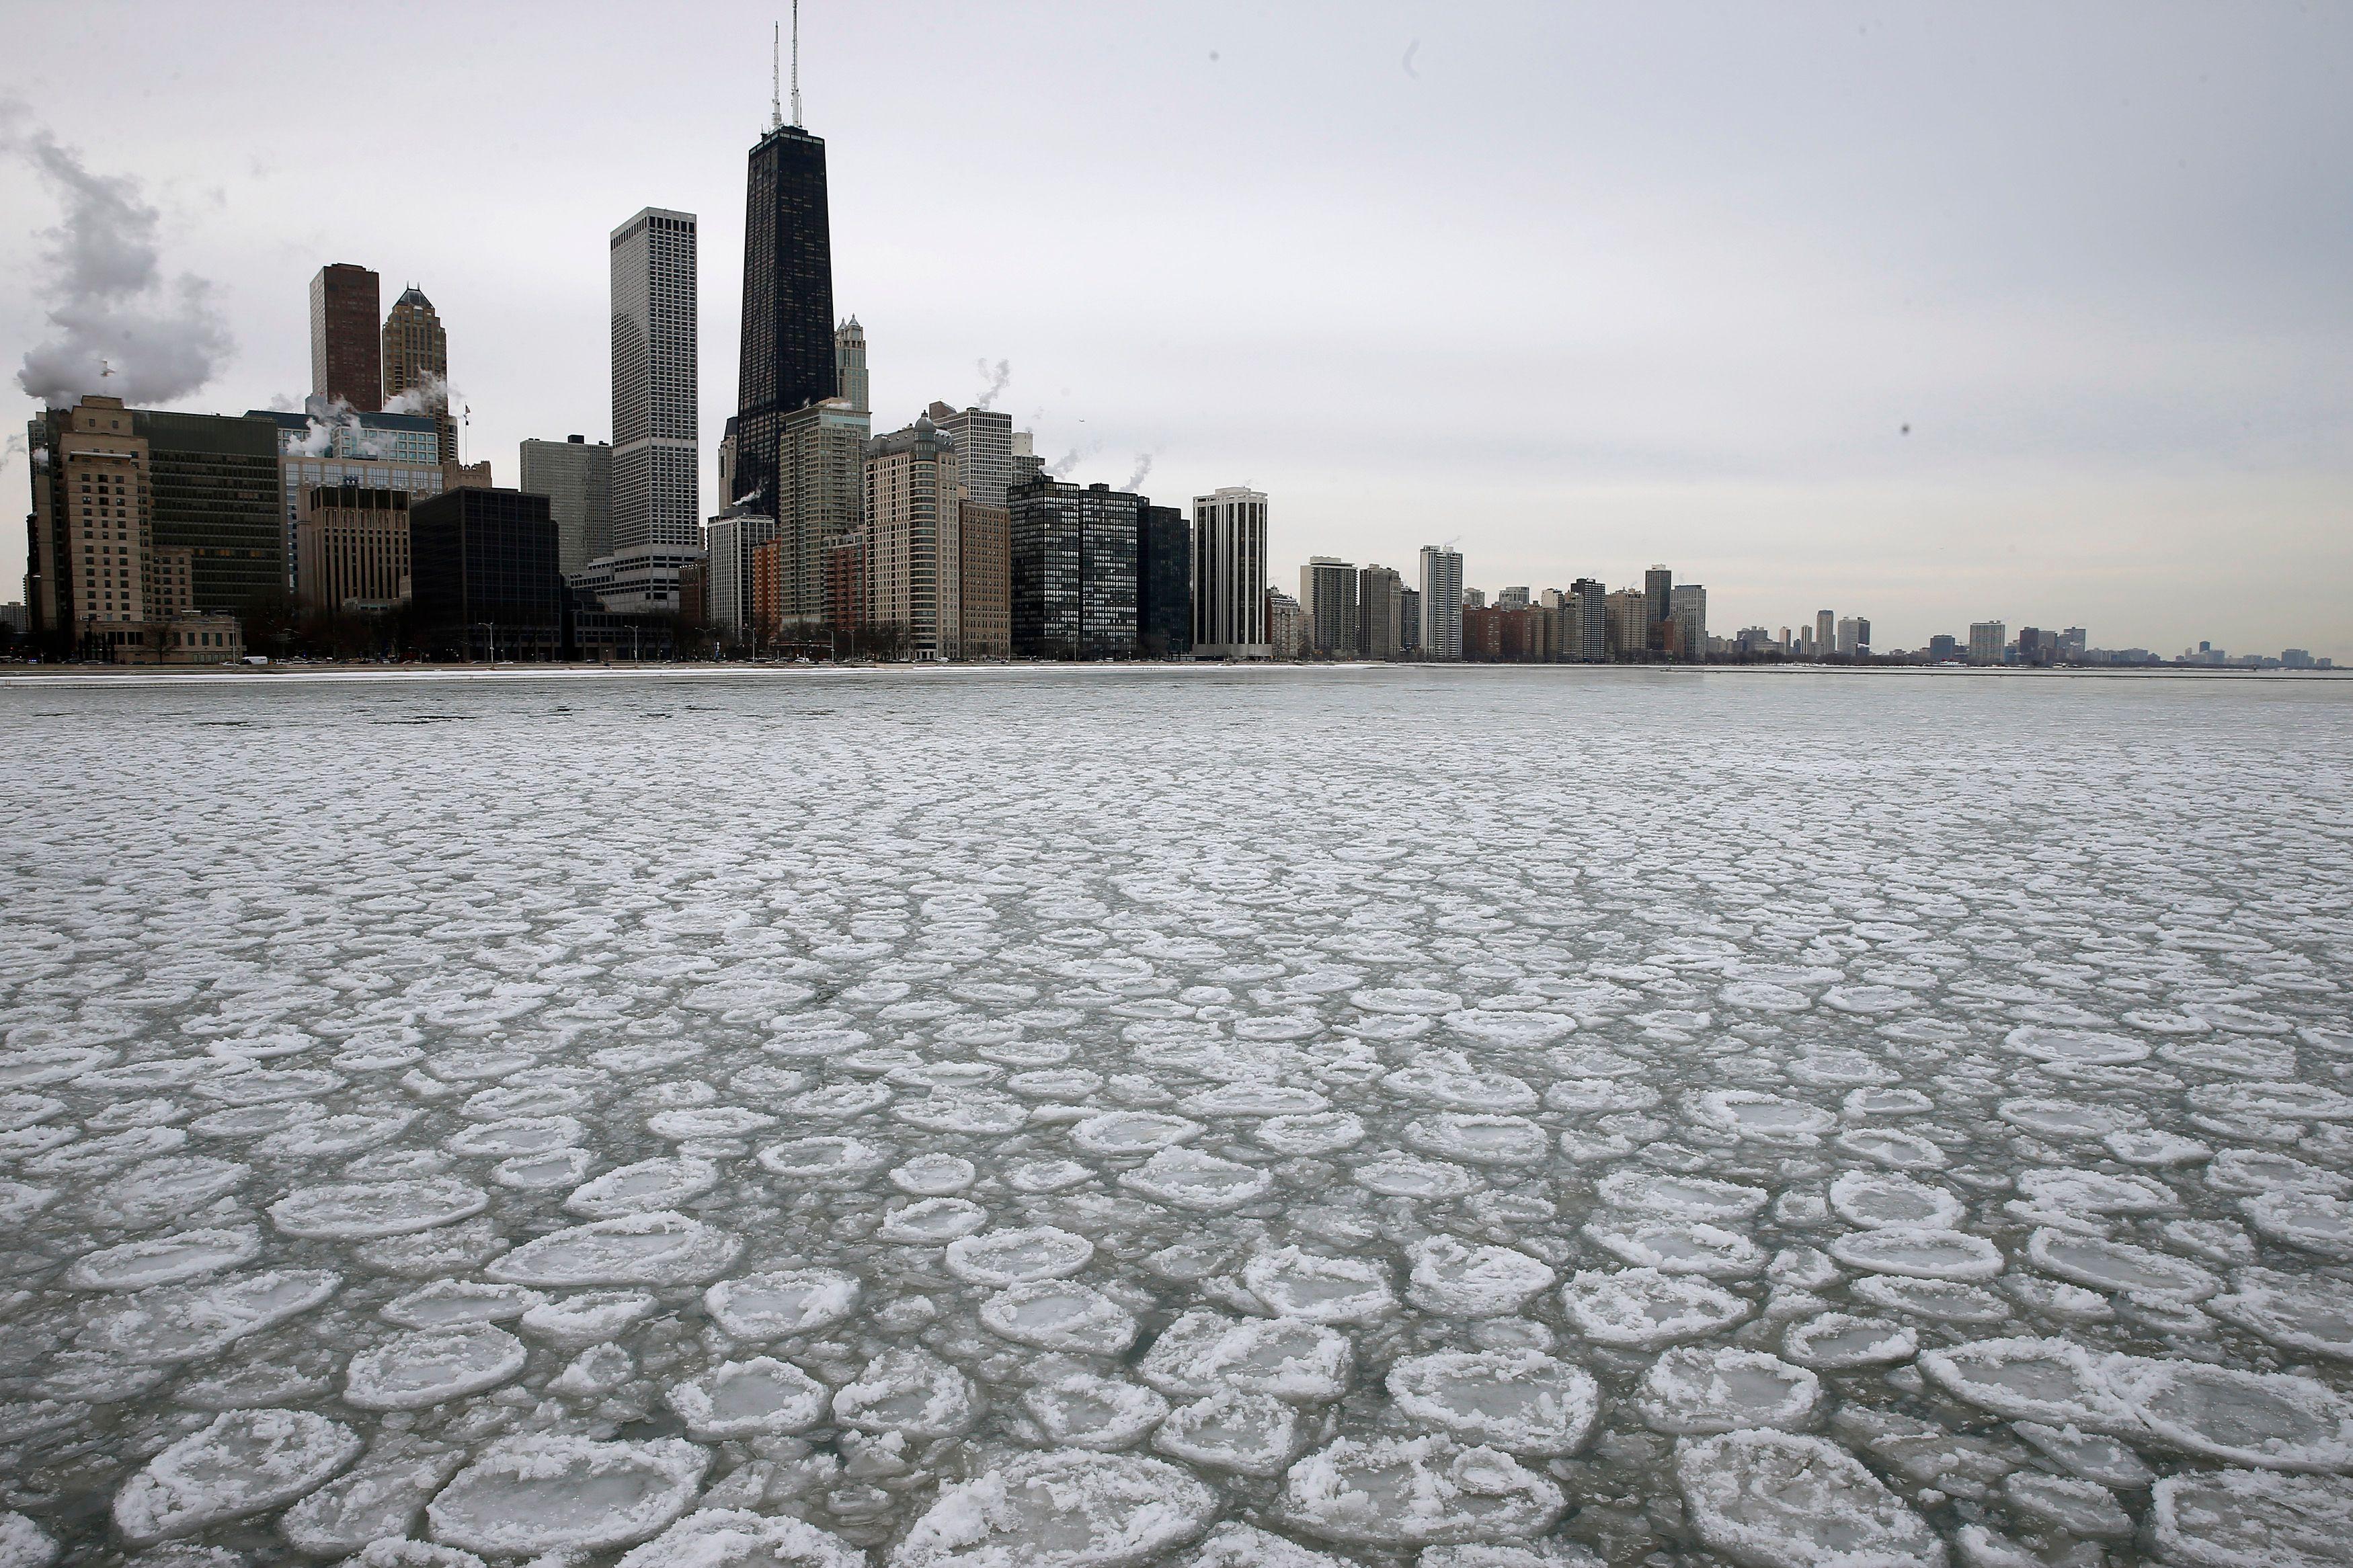 L'autre visage de Chicago, lieux des adieux officiels d'Obama